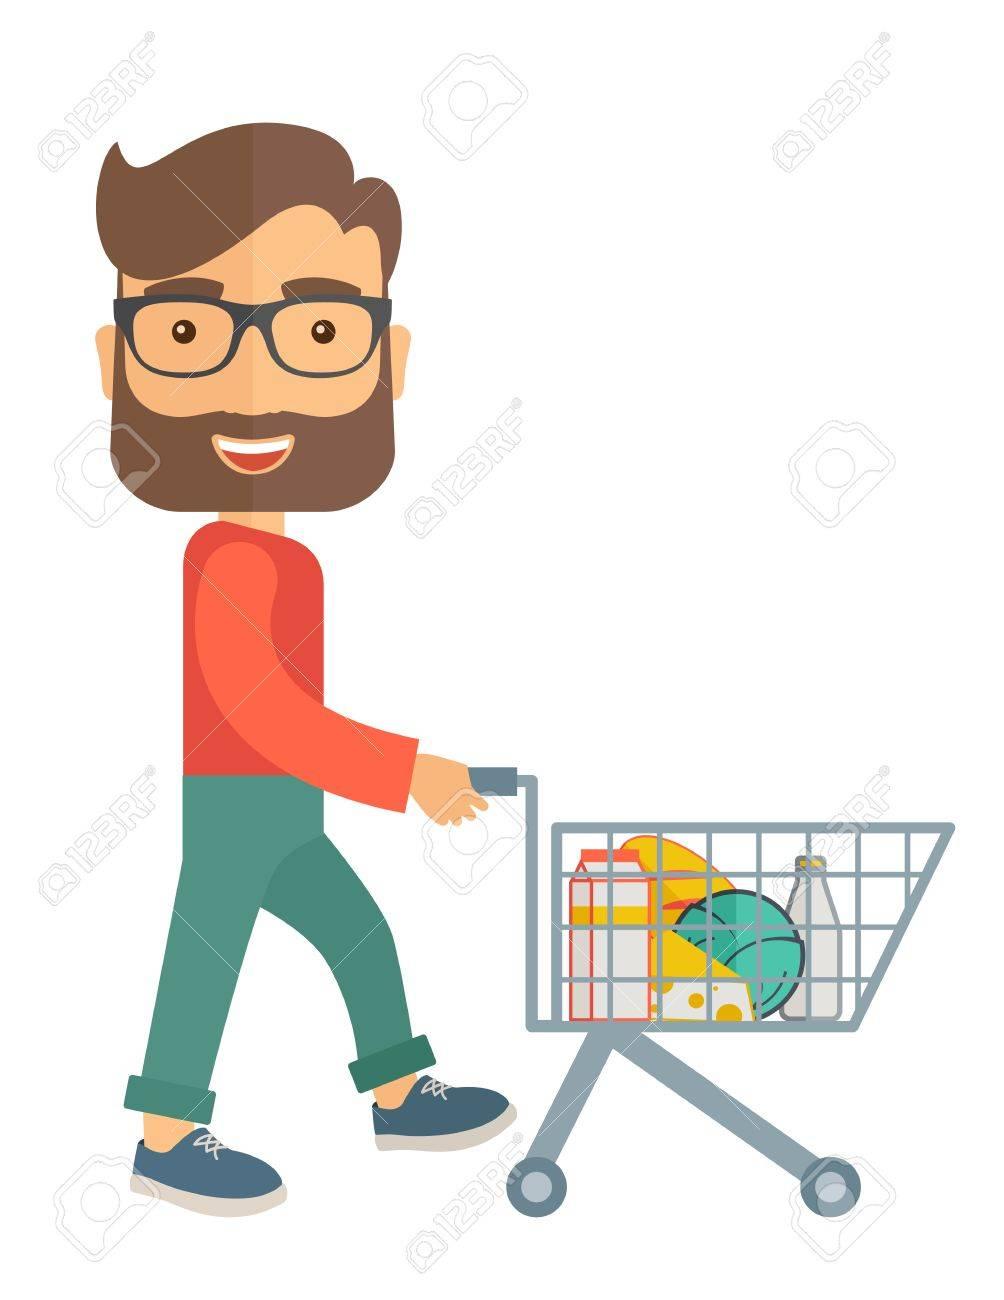 Ein Männlicher Käufer Einen Einkaufswagen In Den Supermarkt Schieben ...